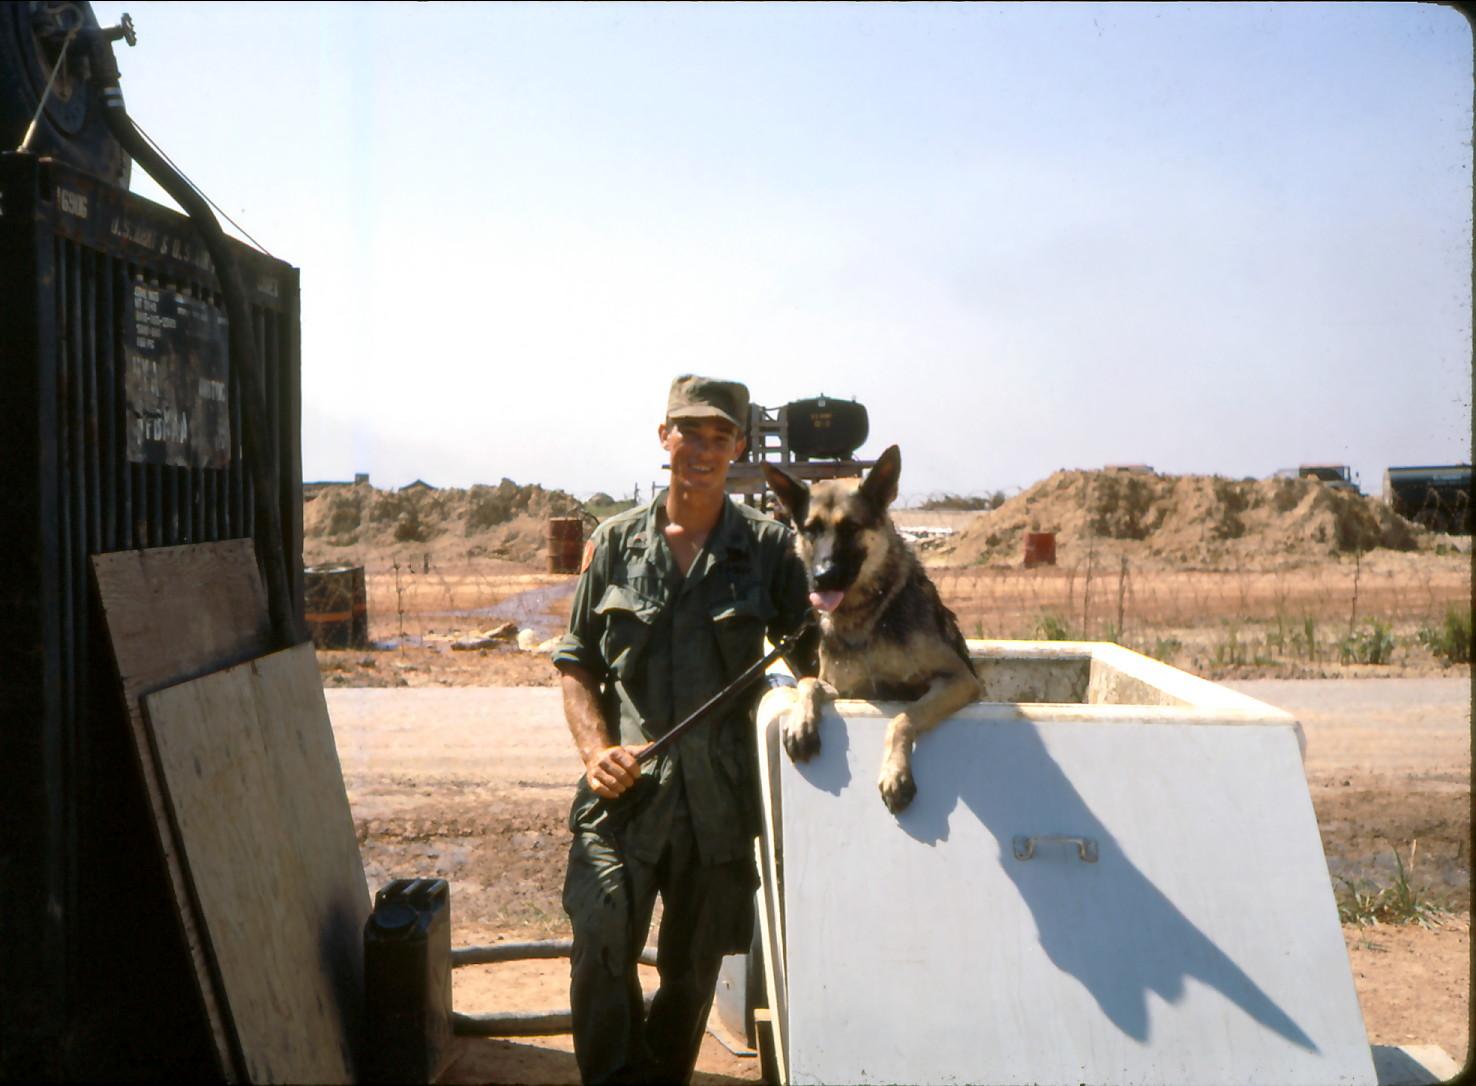 49th scout dog handler Sgt. Bill Berg an